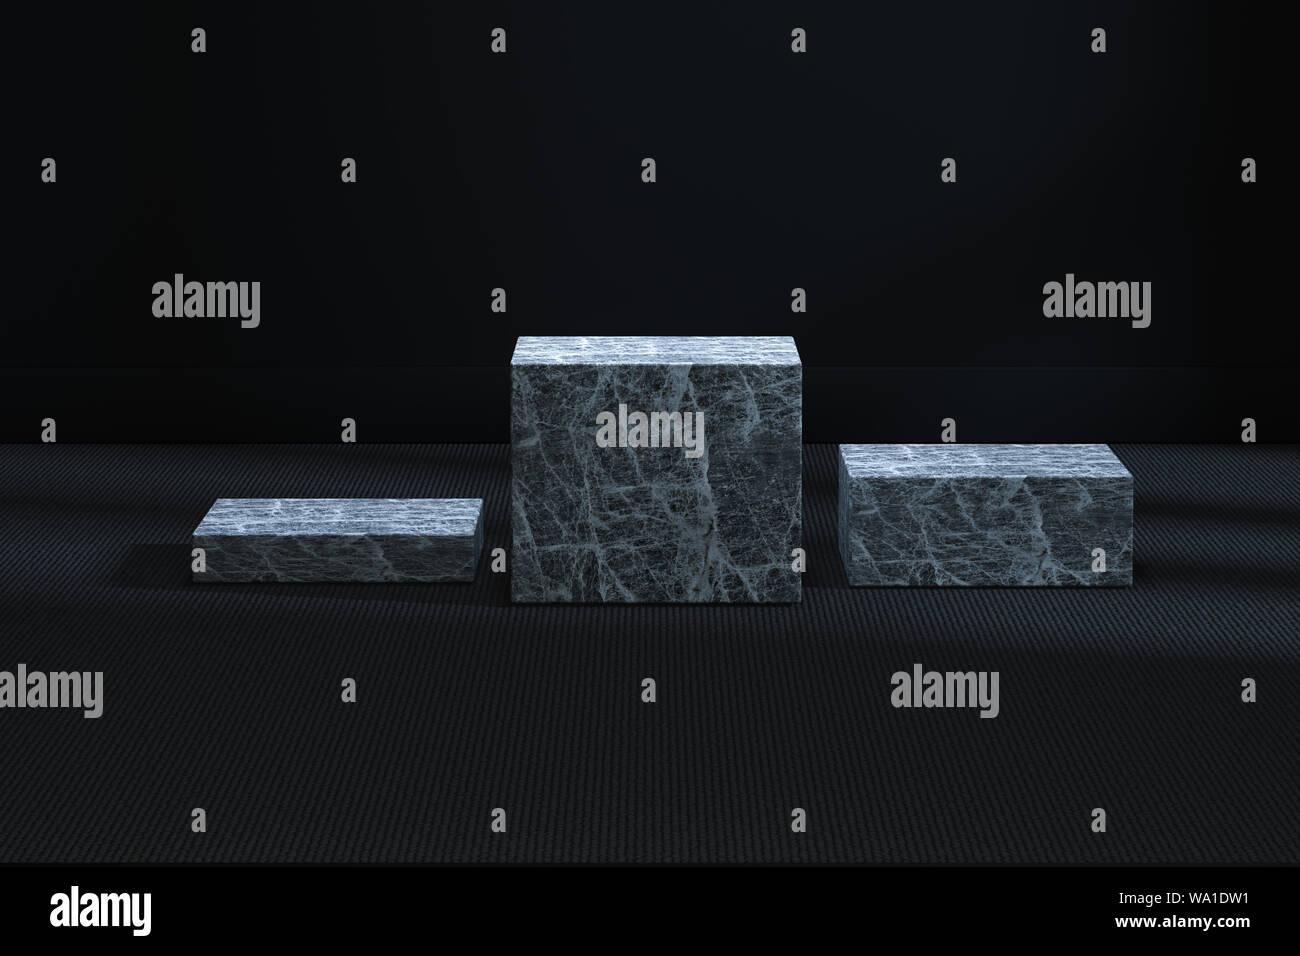 La plataforma cúbico de mármol en el cuarto oscuro, 3D ...